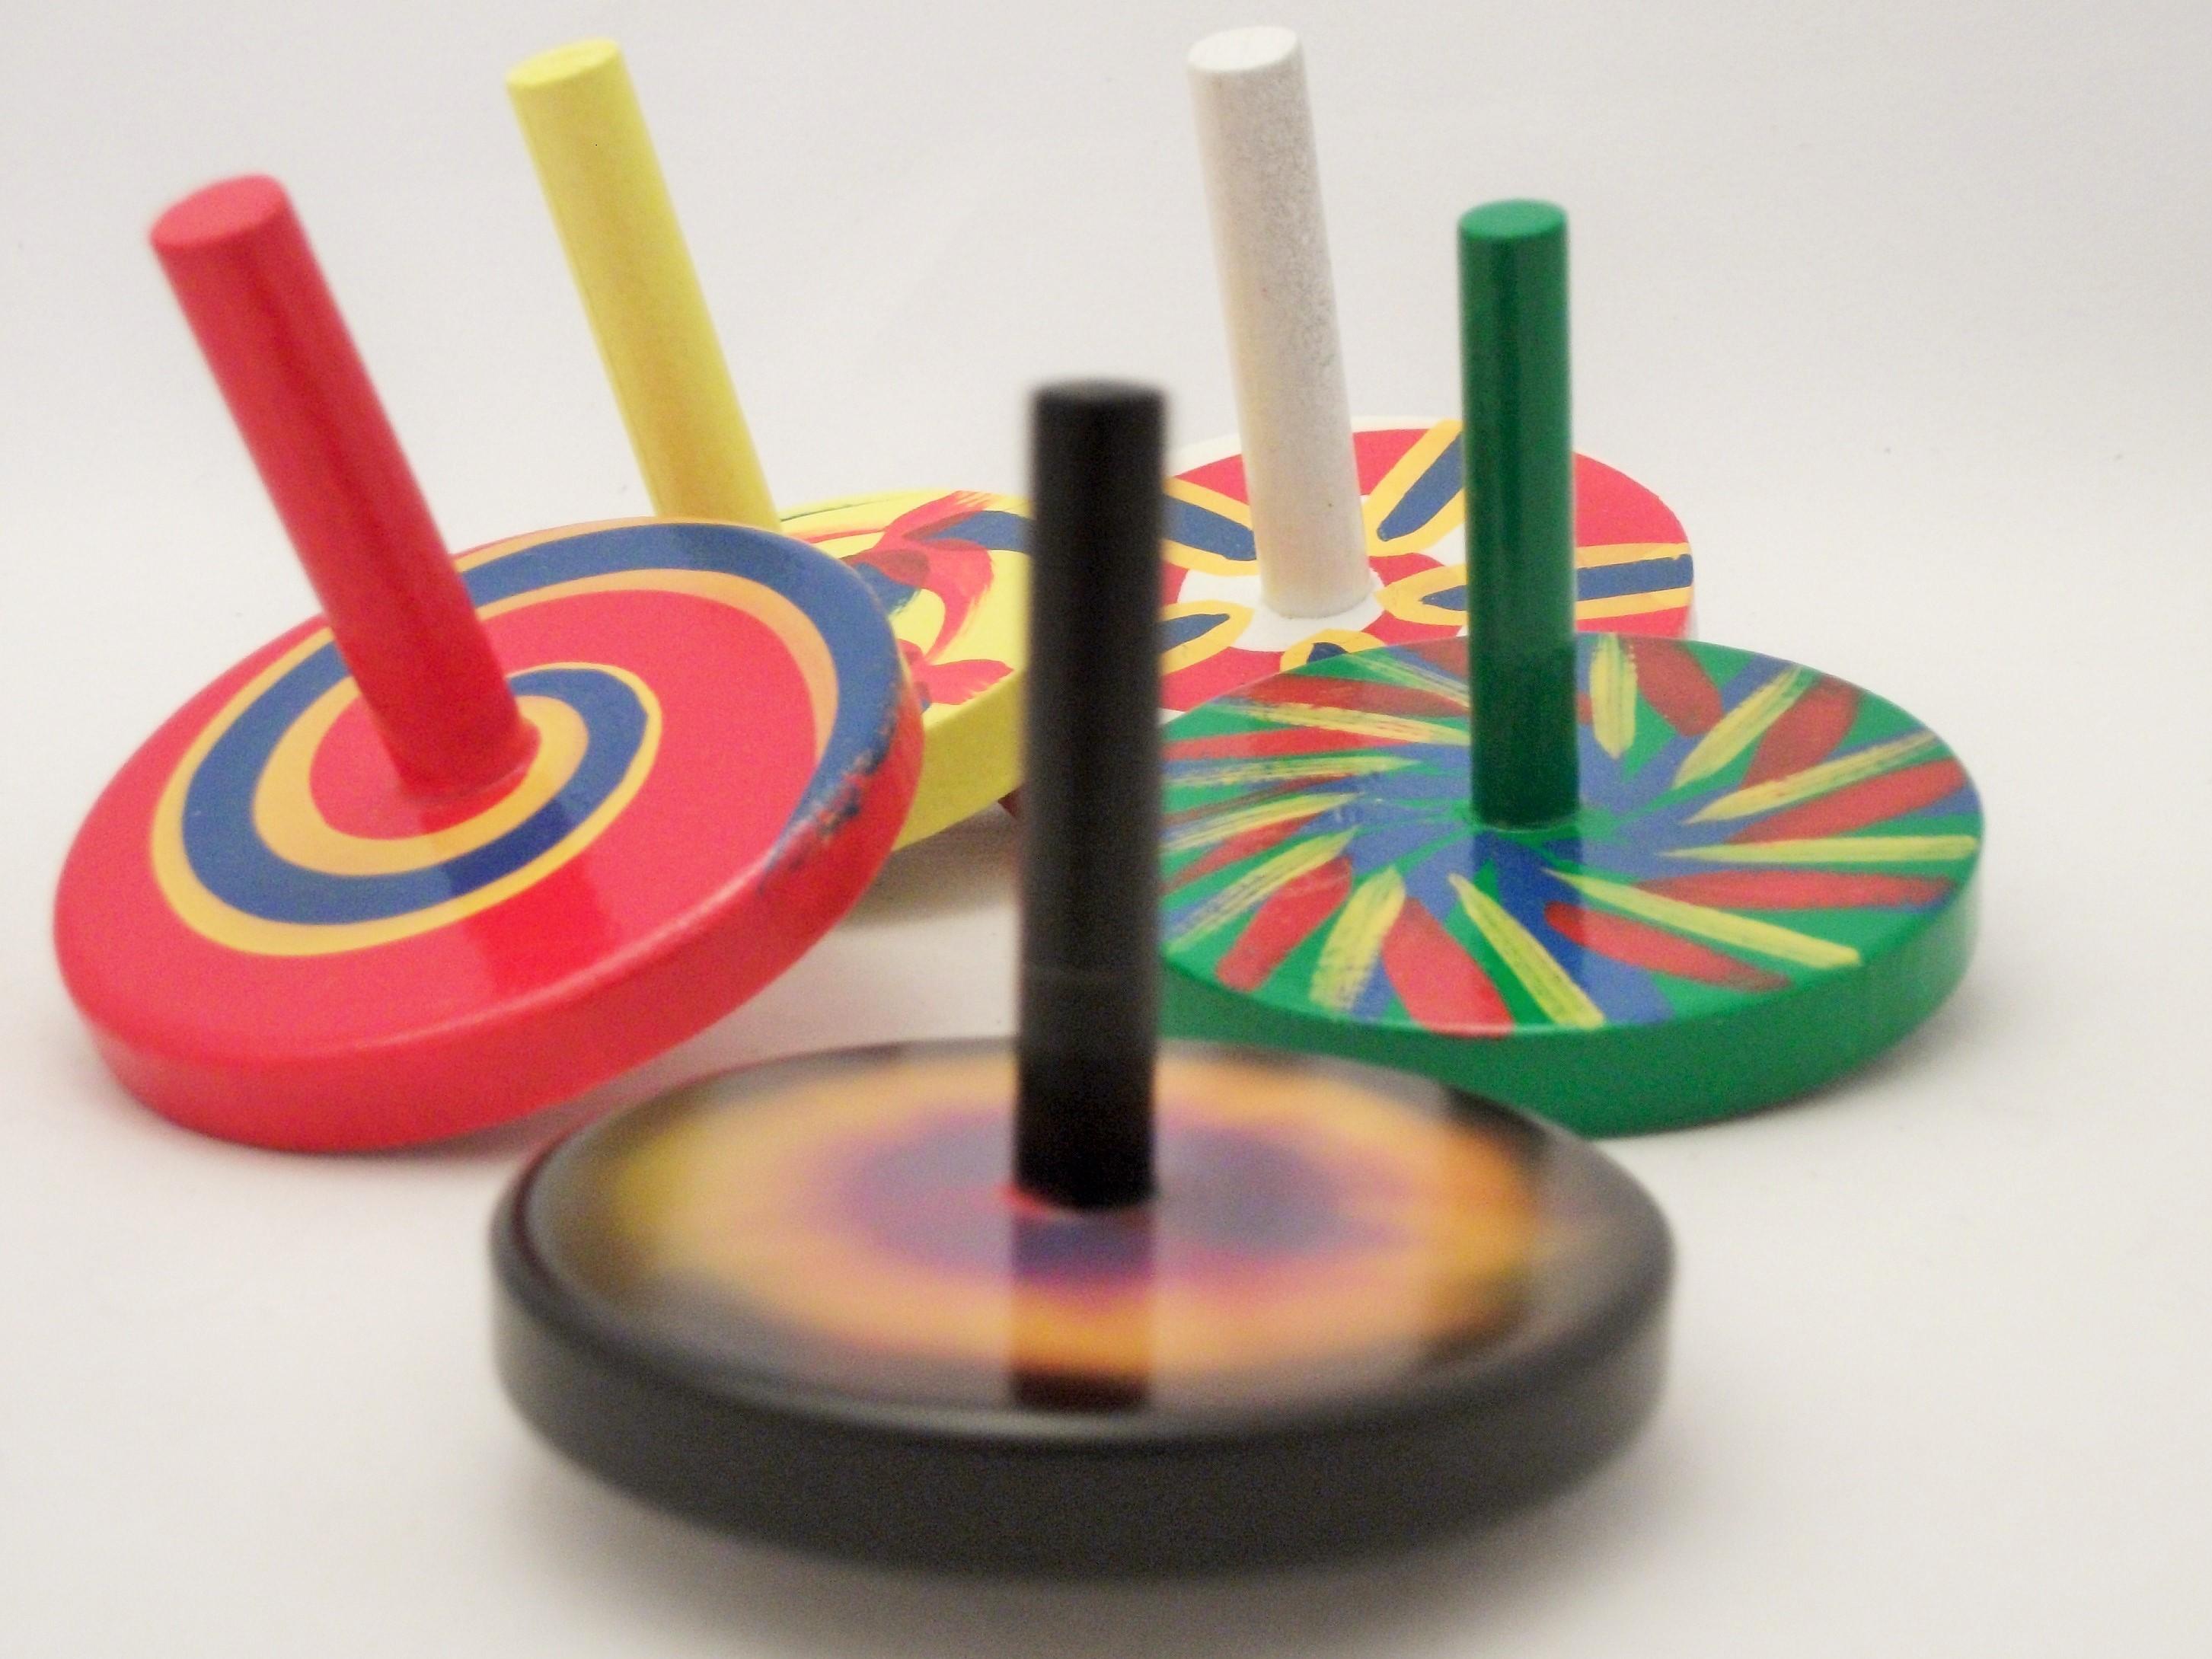 Croglin Toys - Spinning Tops 3